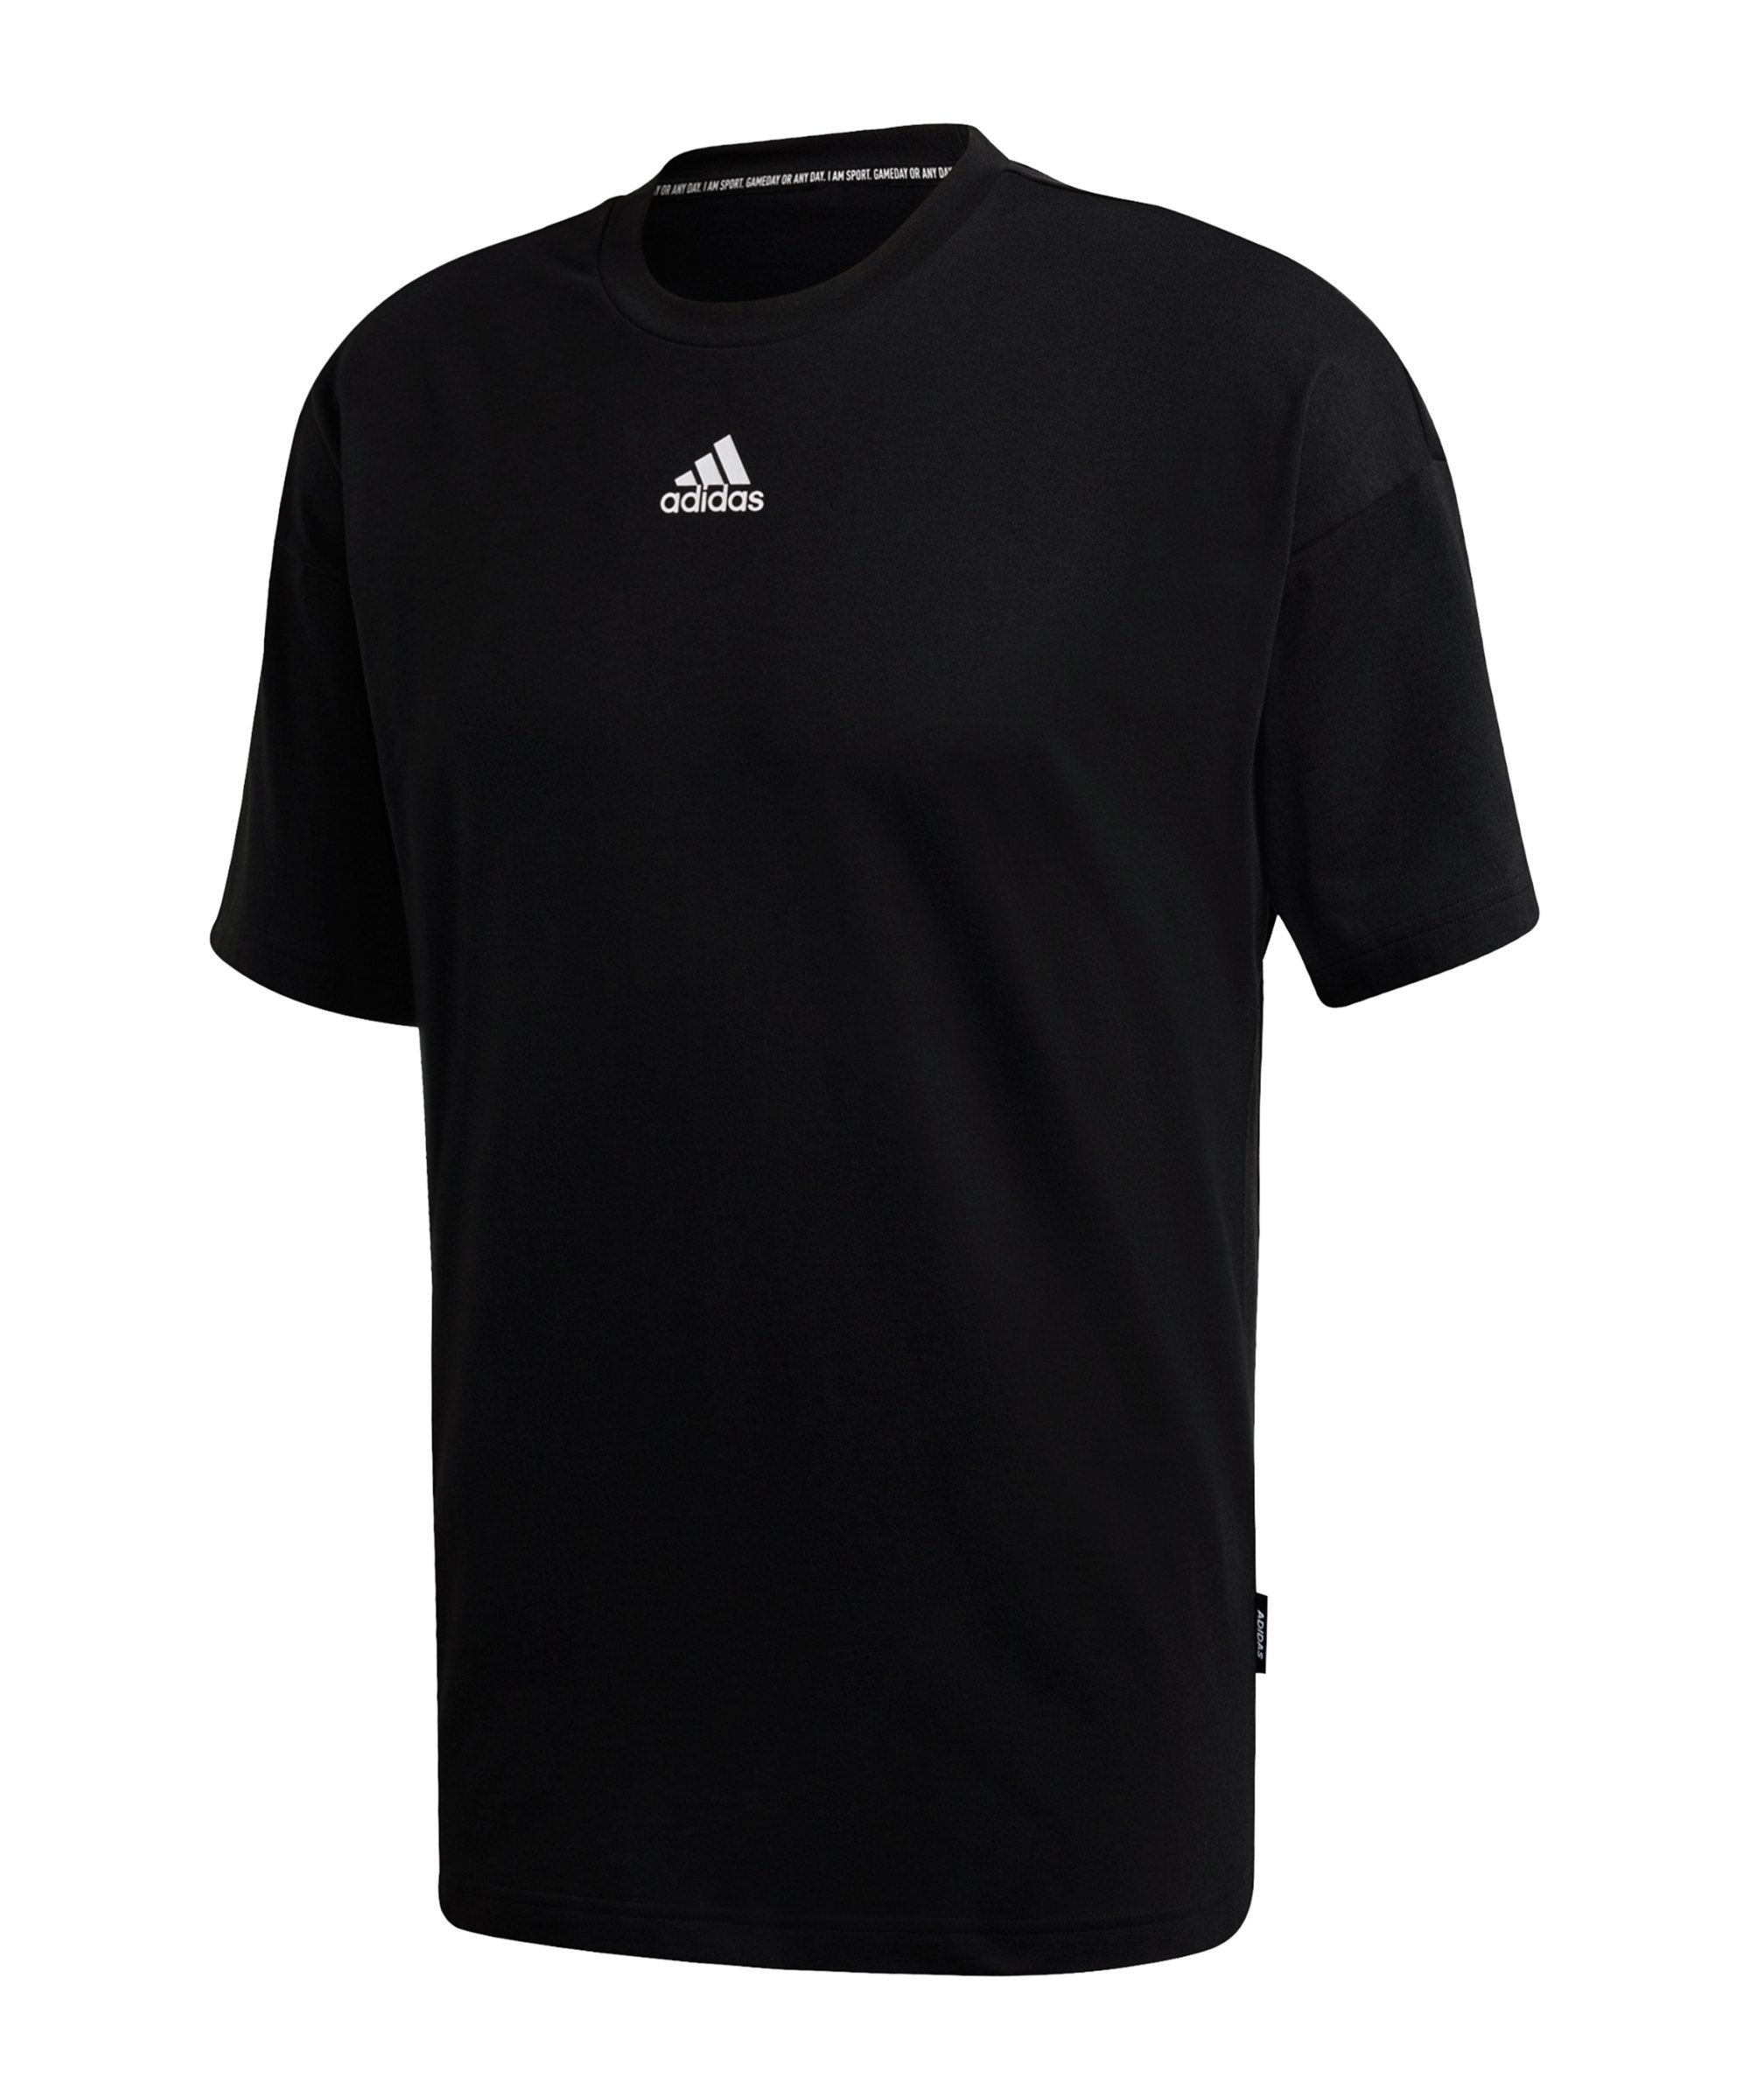 adidas Must Haves 3 Stripes T-Shirt Schwarz - schwarz